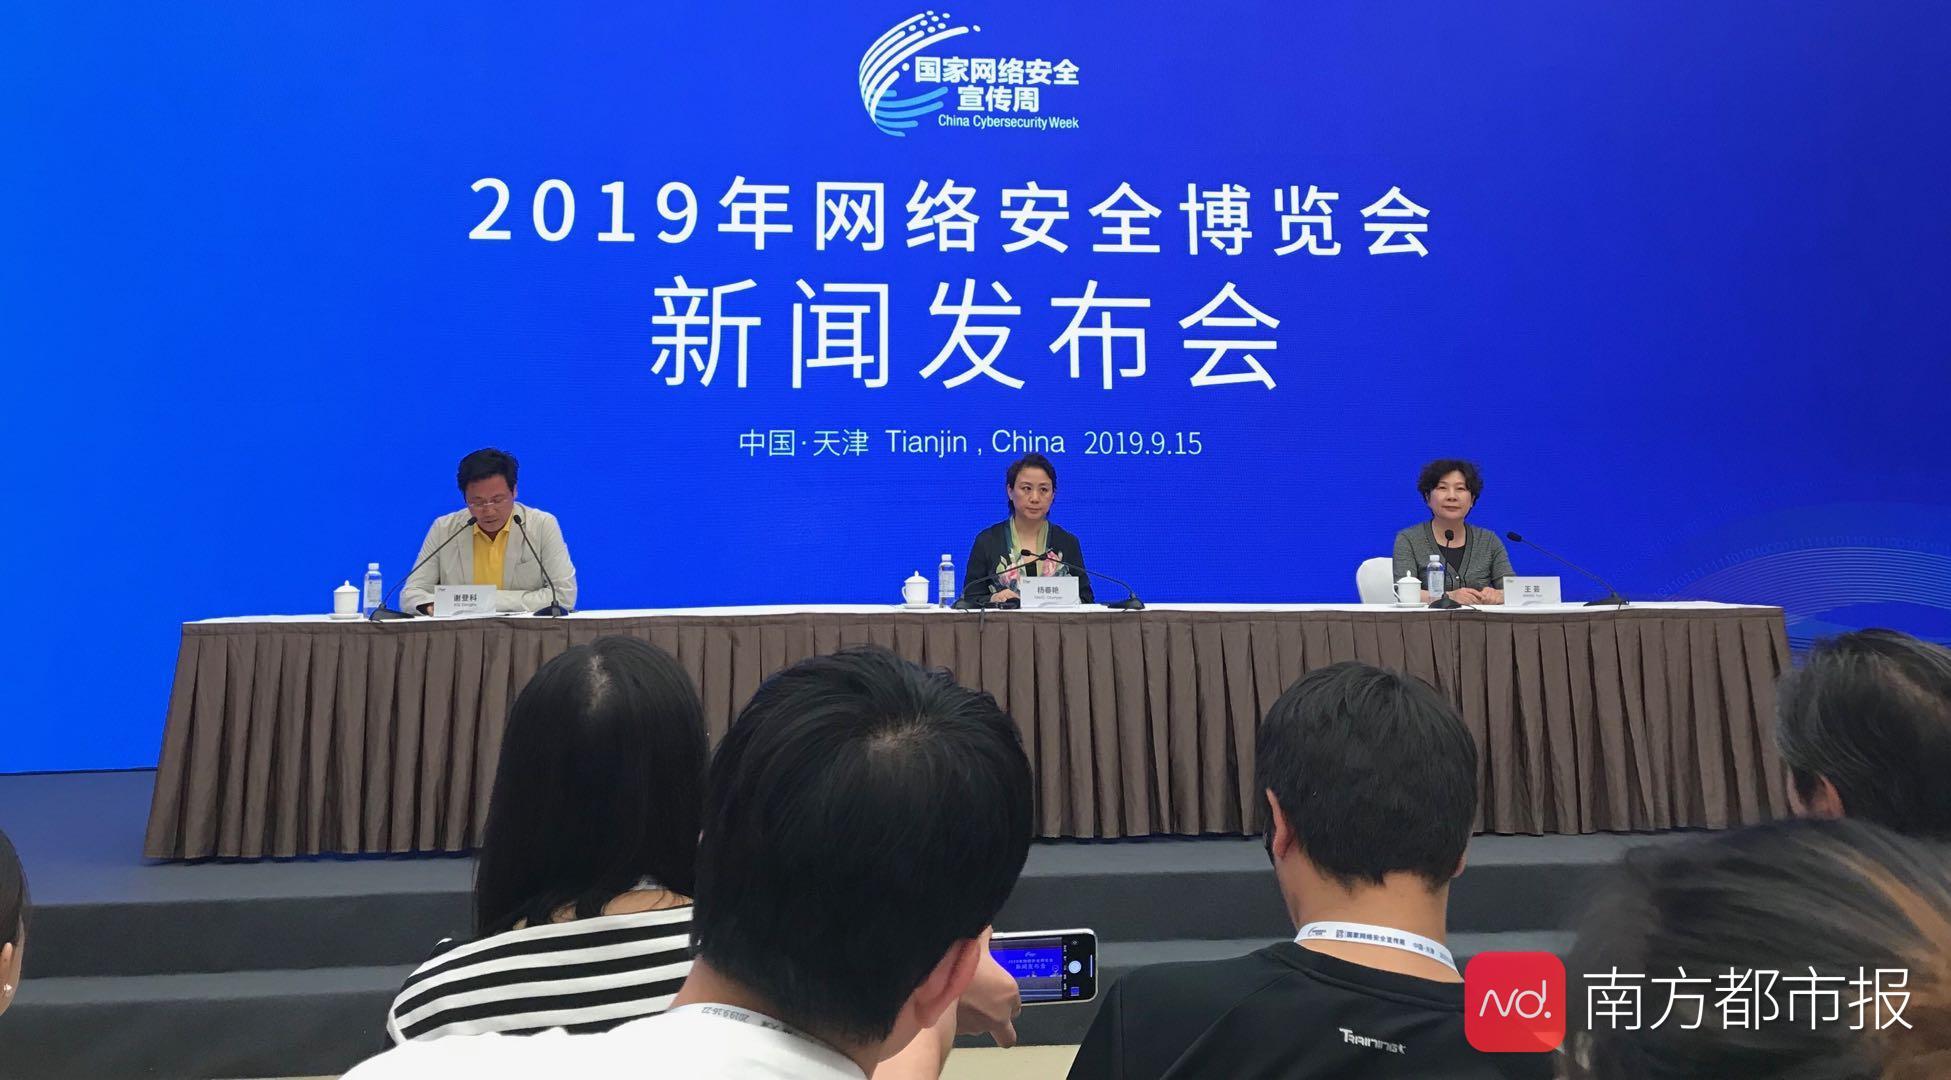 国家网络安全博览会天津开幕2万余平米展示面积创历届之最